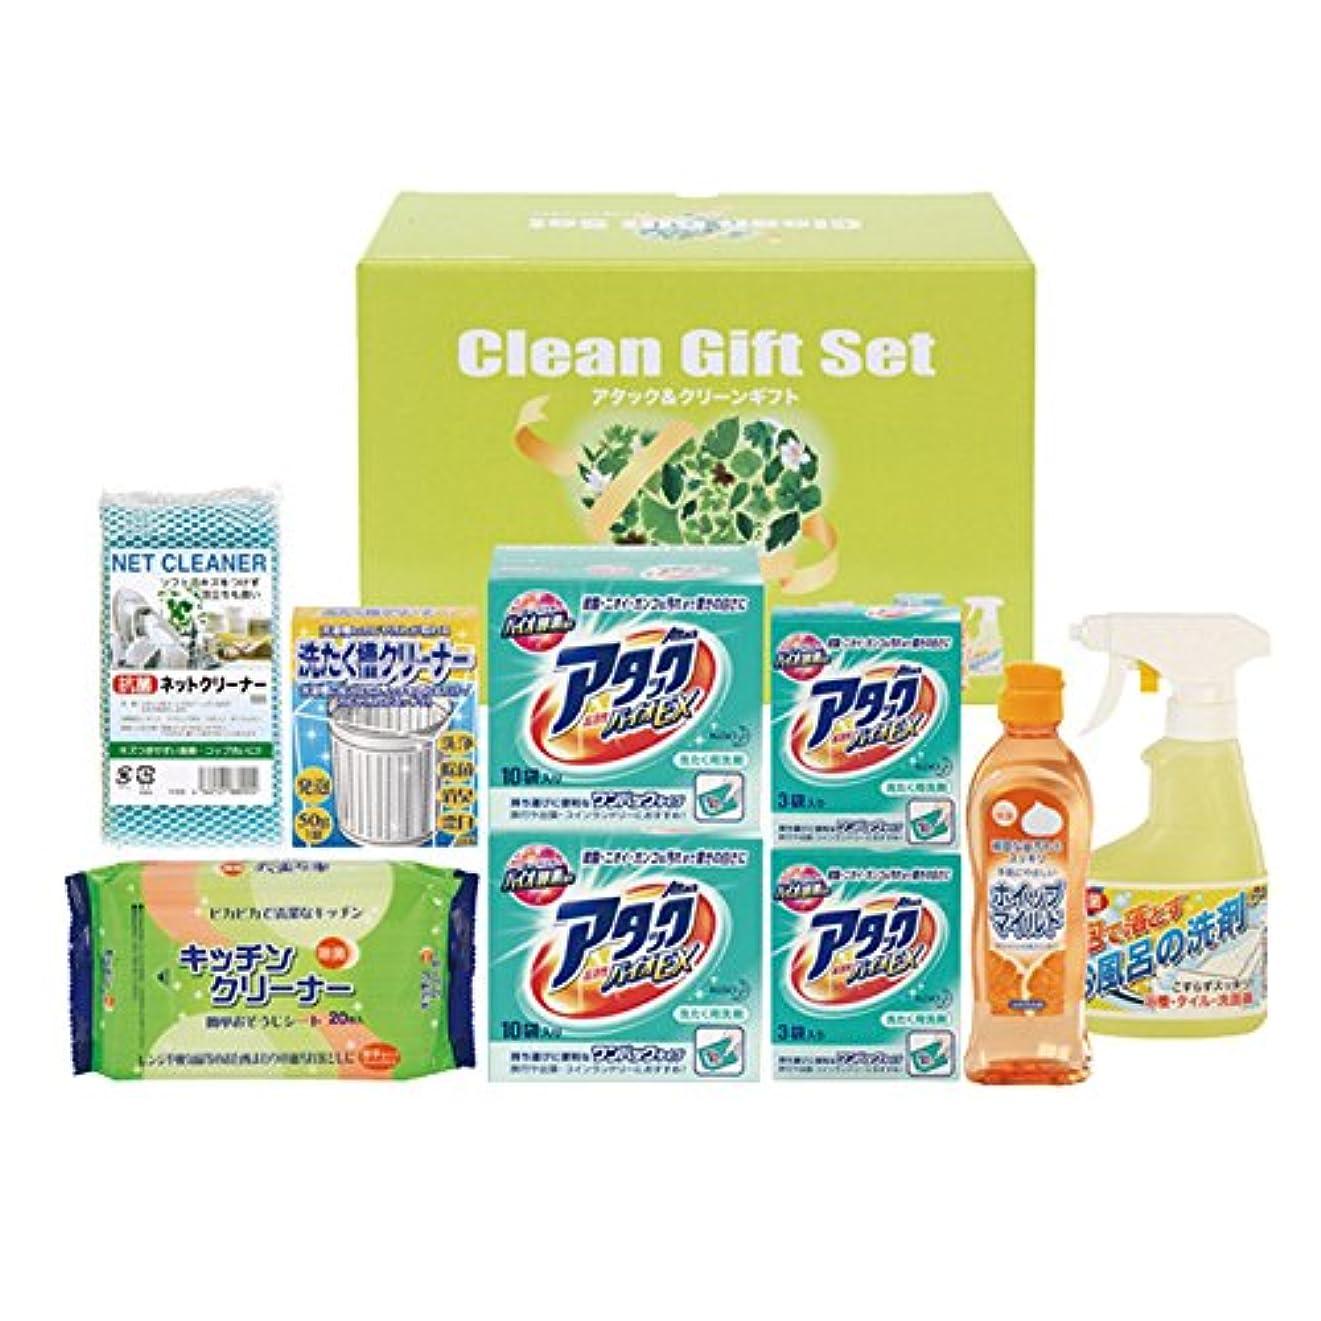 組立主張順応性のある花王 アタック 洗濯 洗剤 &クリーン 贈答 ギフト 9点セット KAG-30 6368